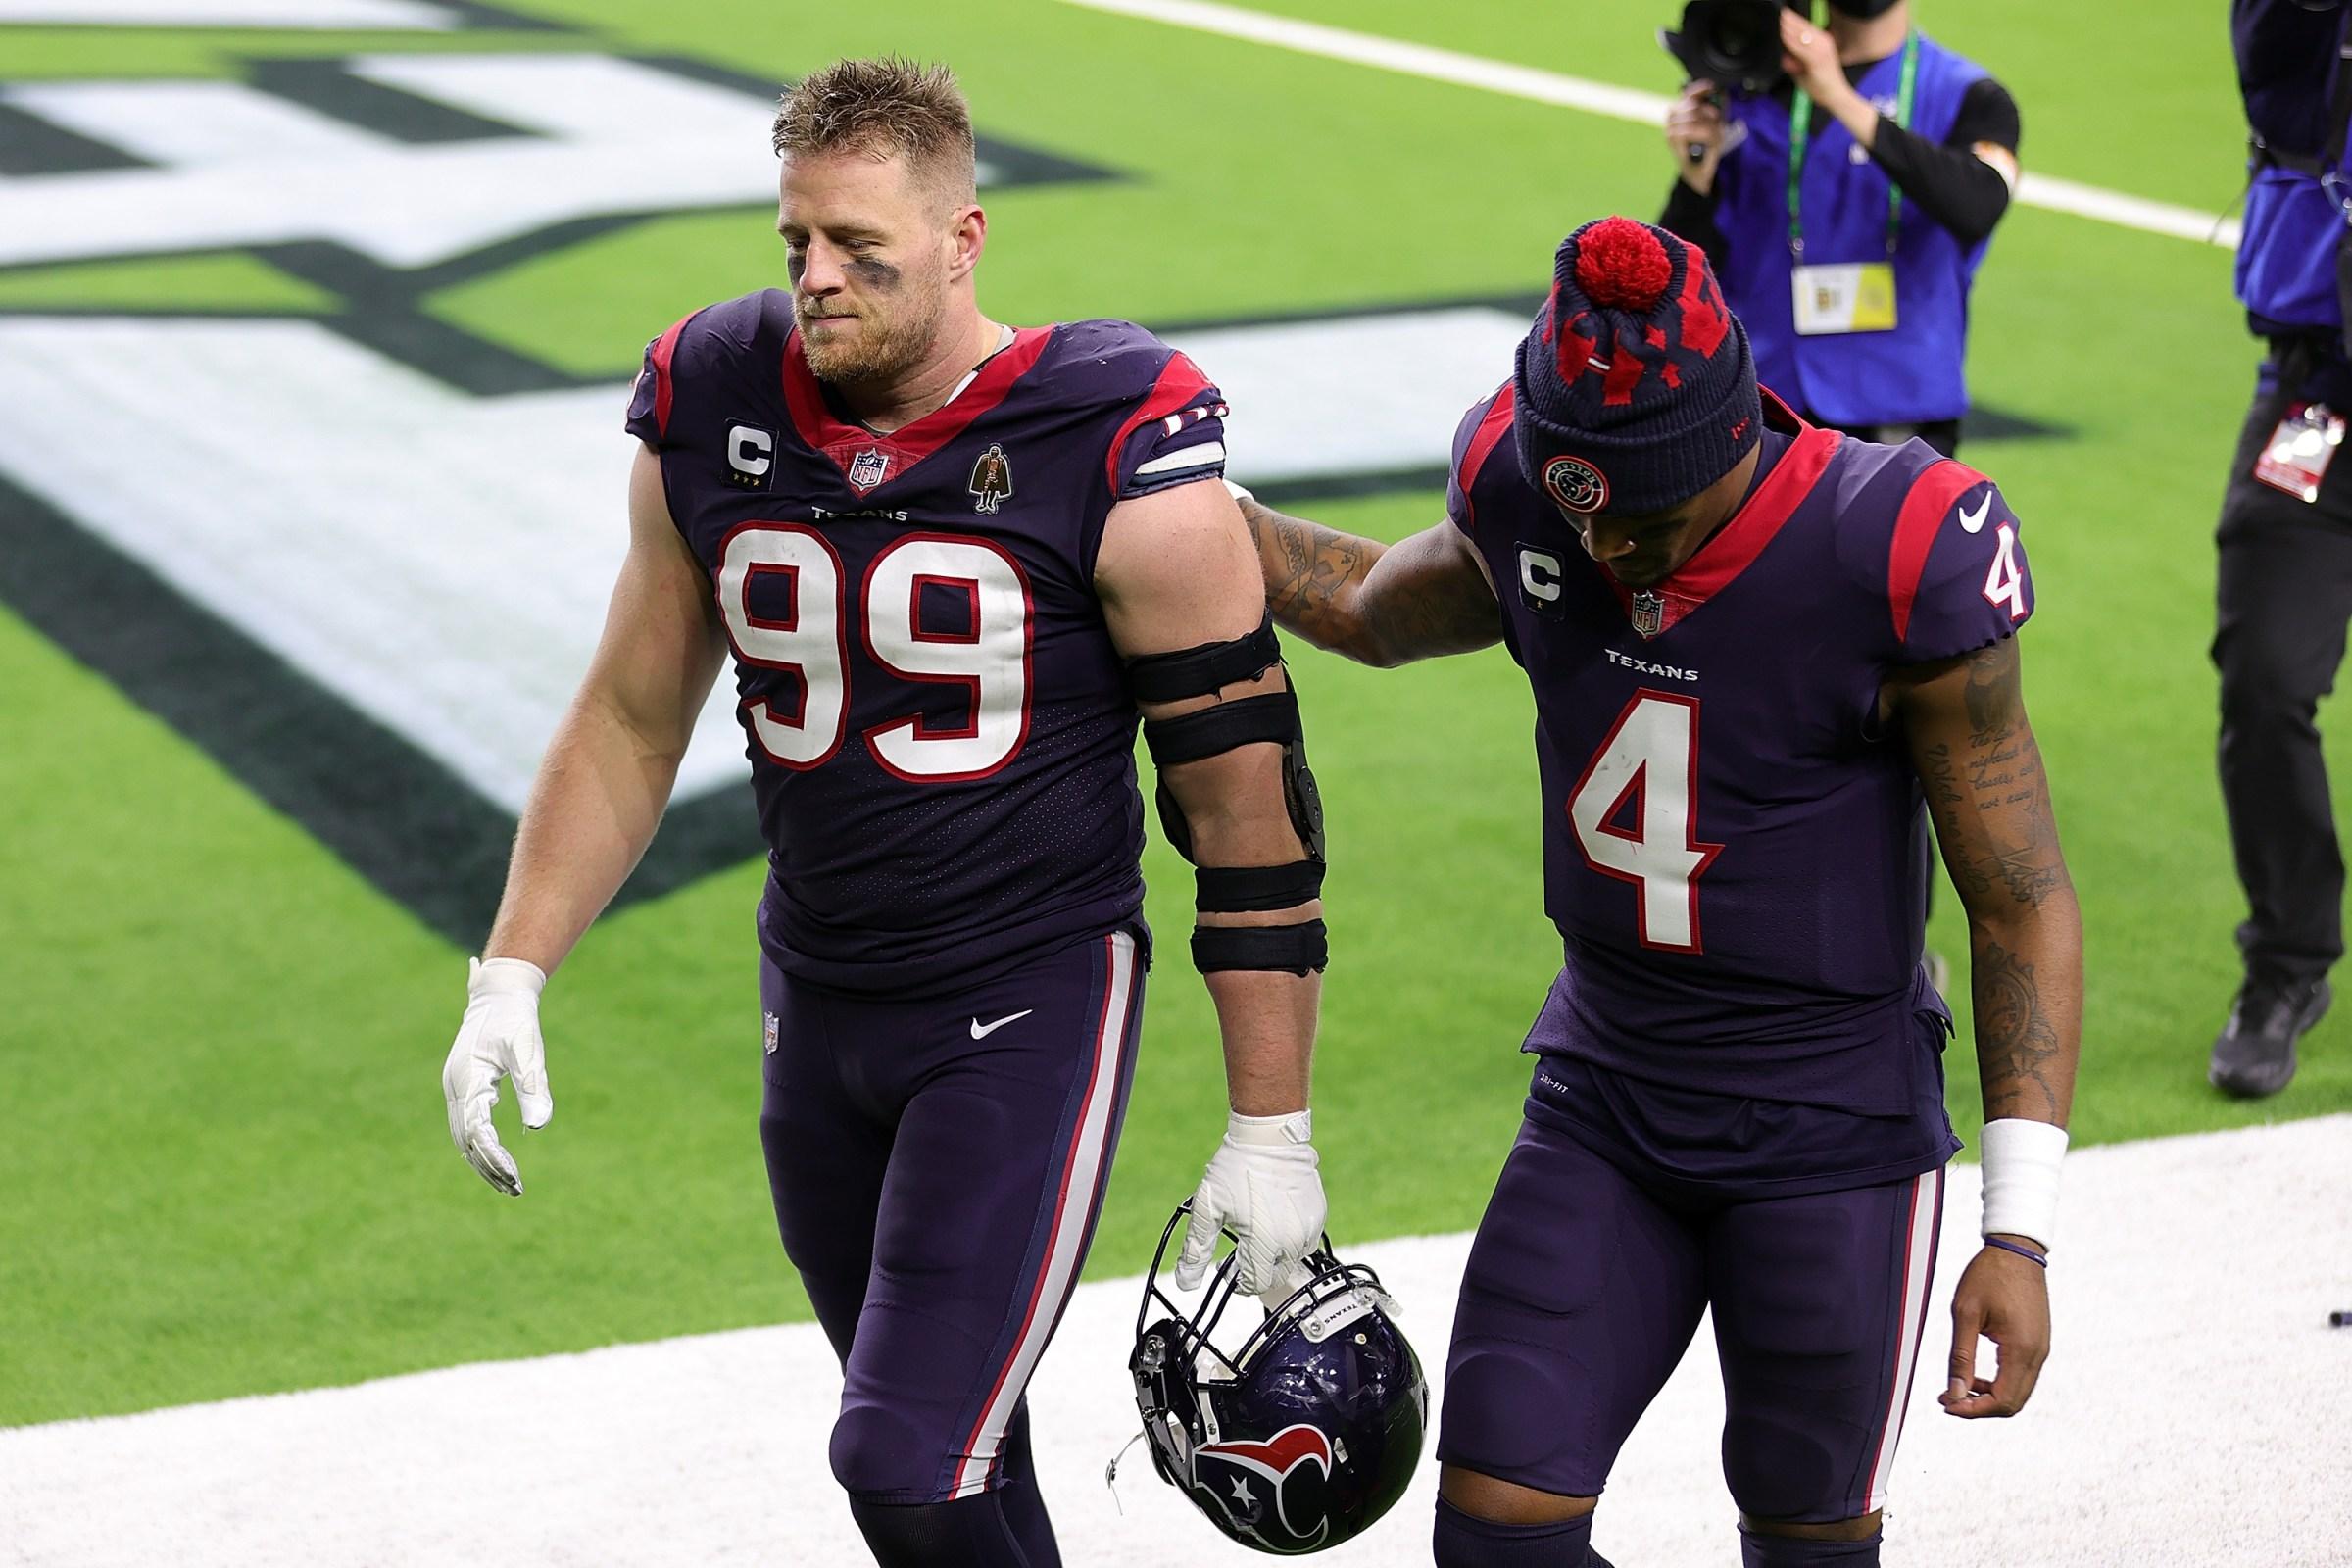 J.J. Watt #99 of the Houston Texans walks off the field with Deshaun Watson